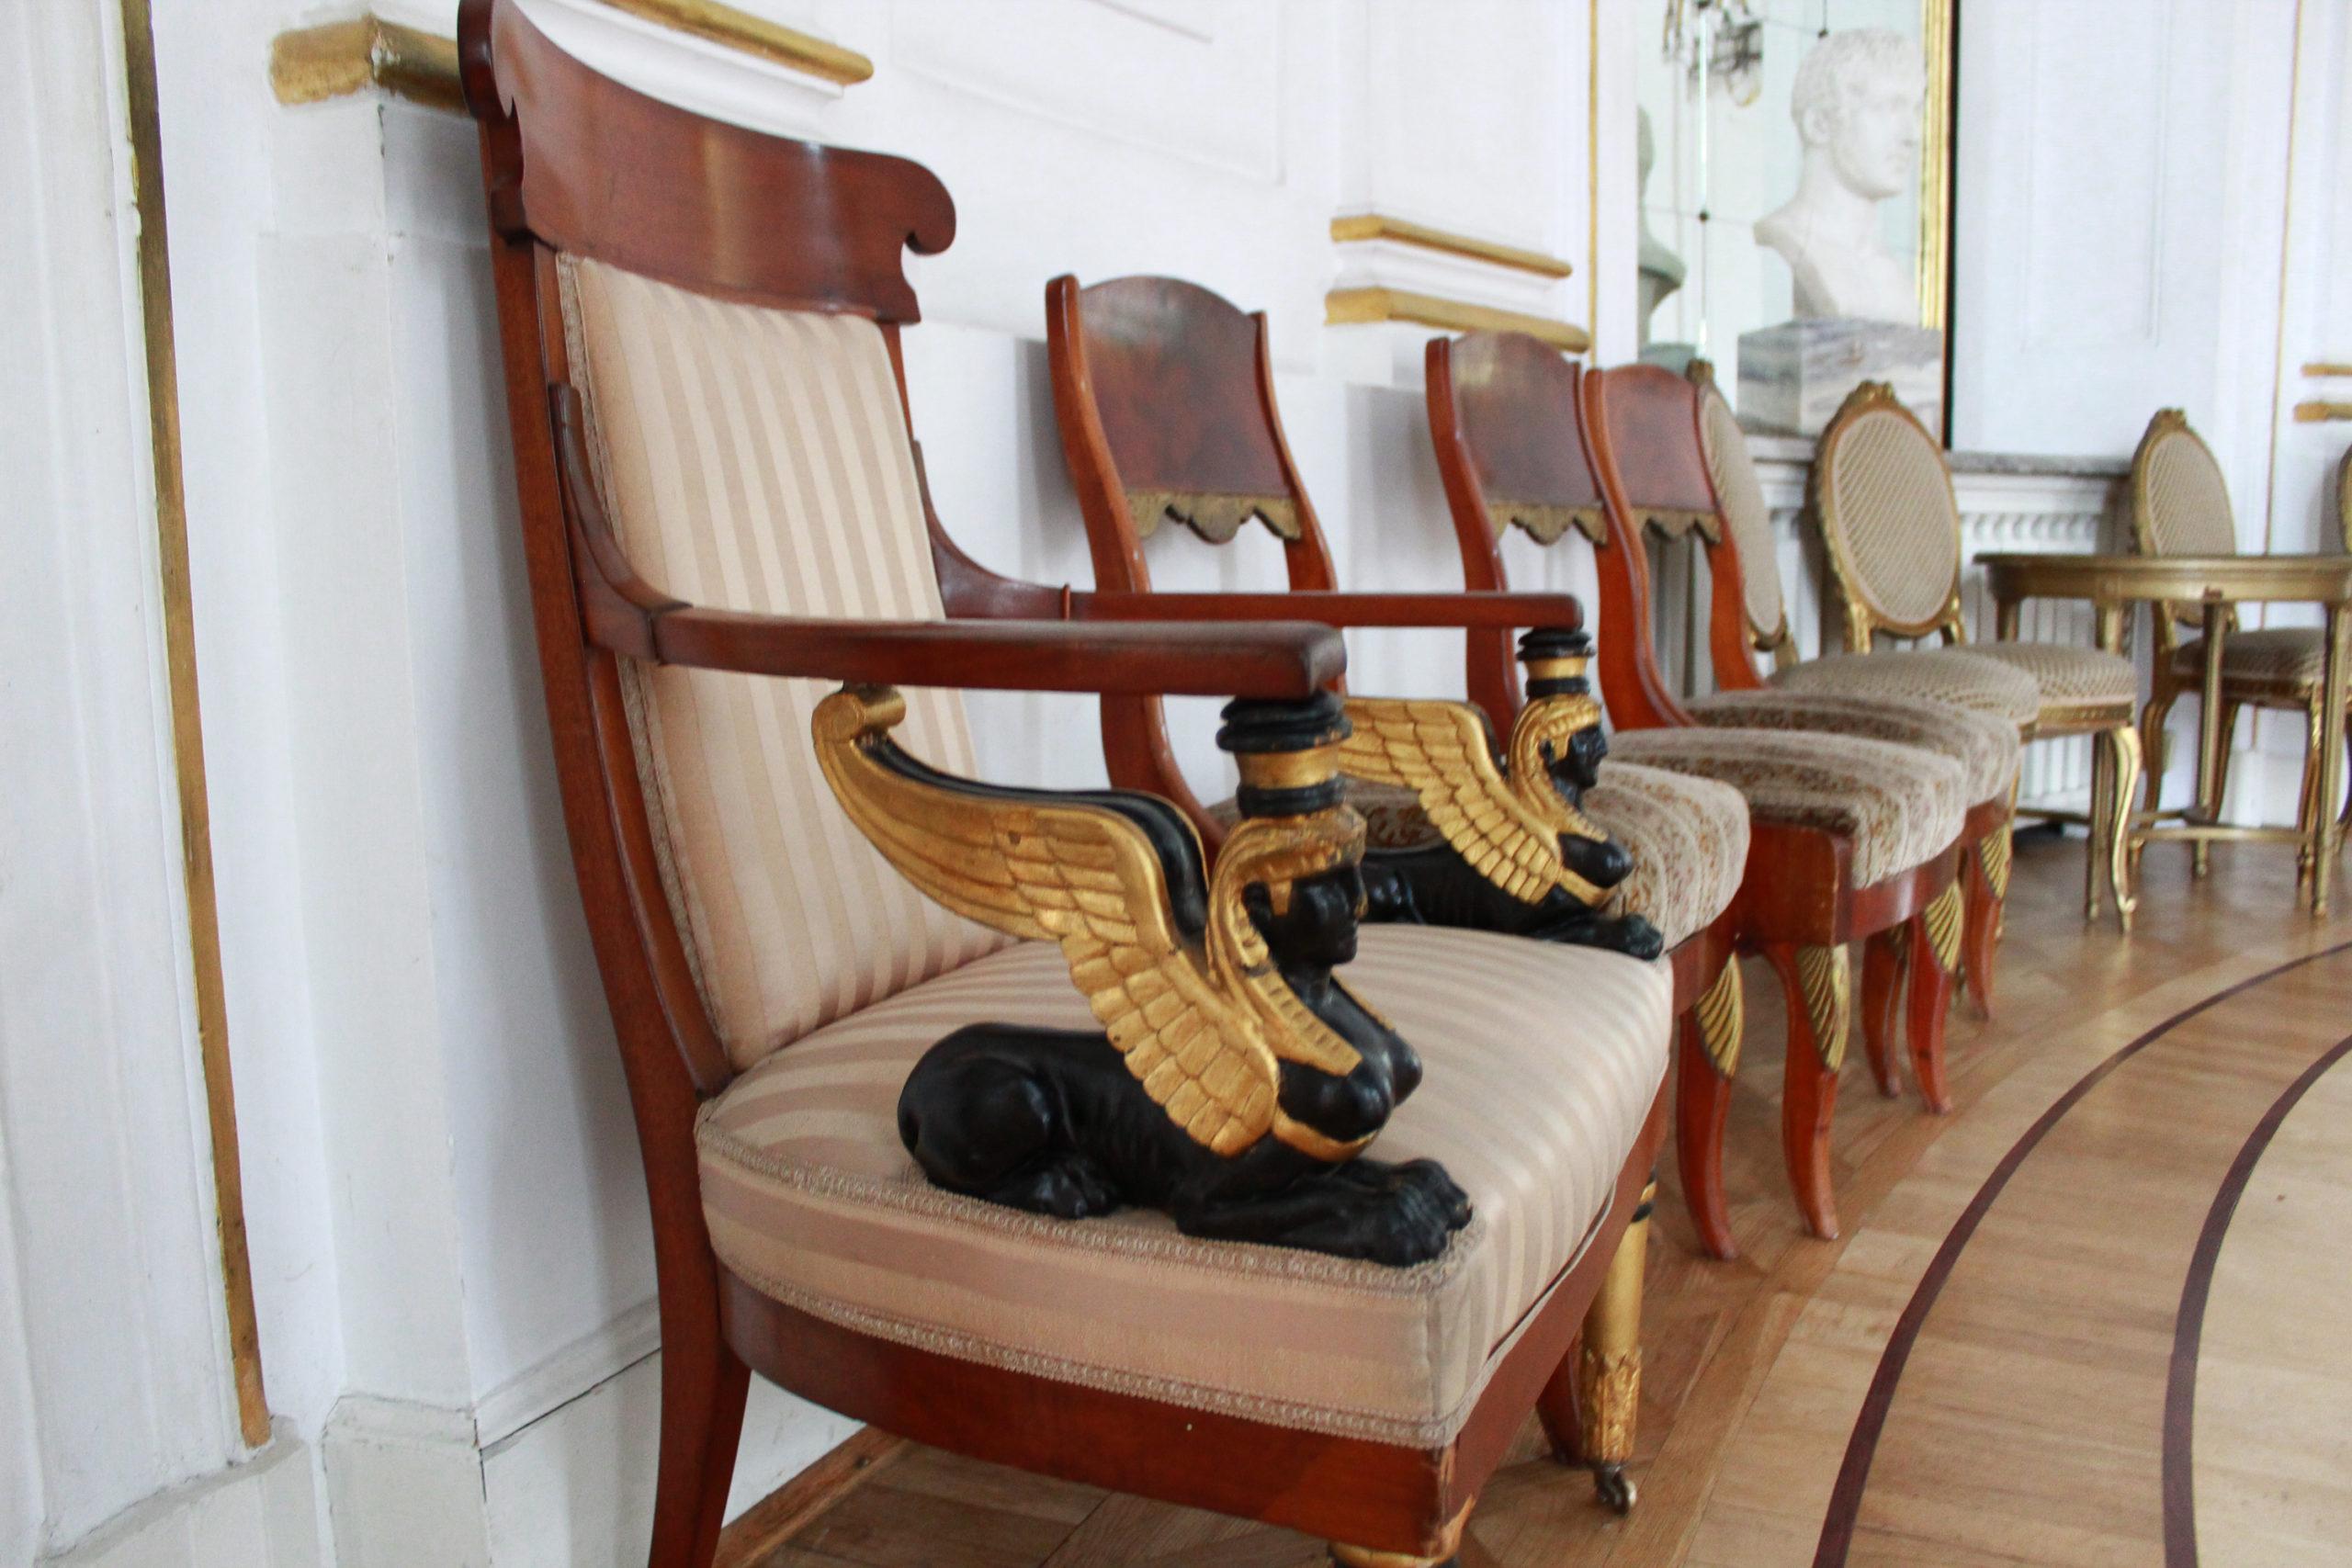 krzesło z podłokietnikami ze sfinksami